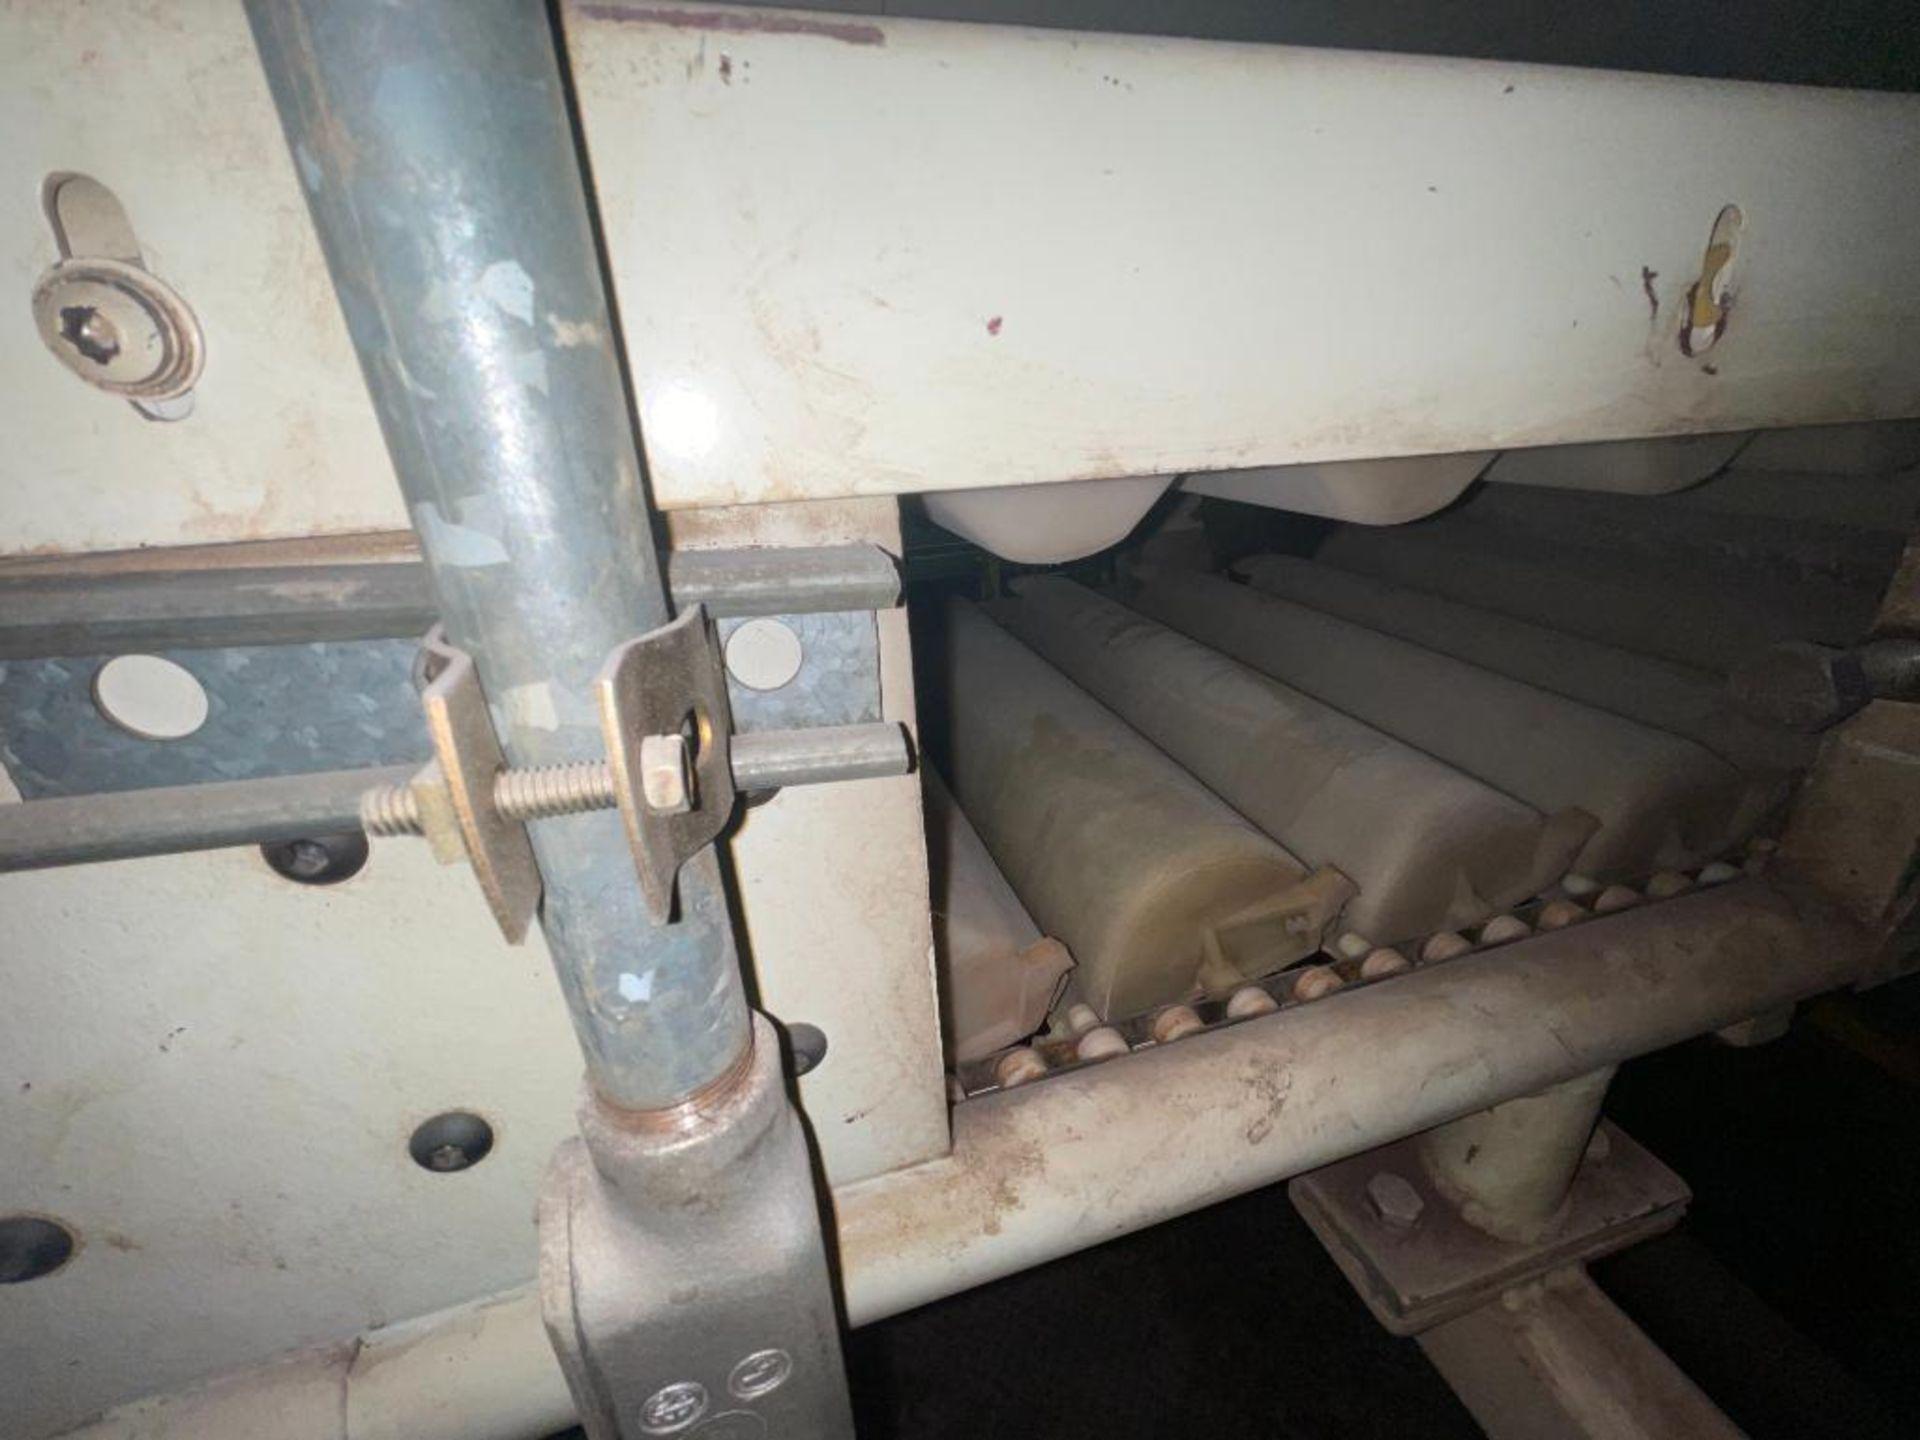 Aseeco horizontal overlapping bucket elevator - Image 9 of 10